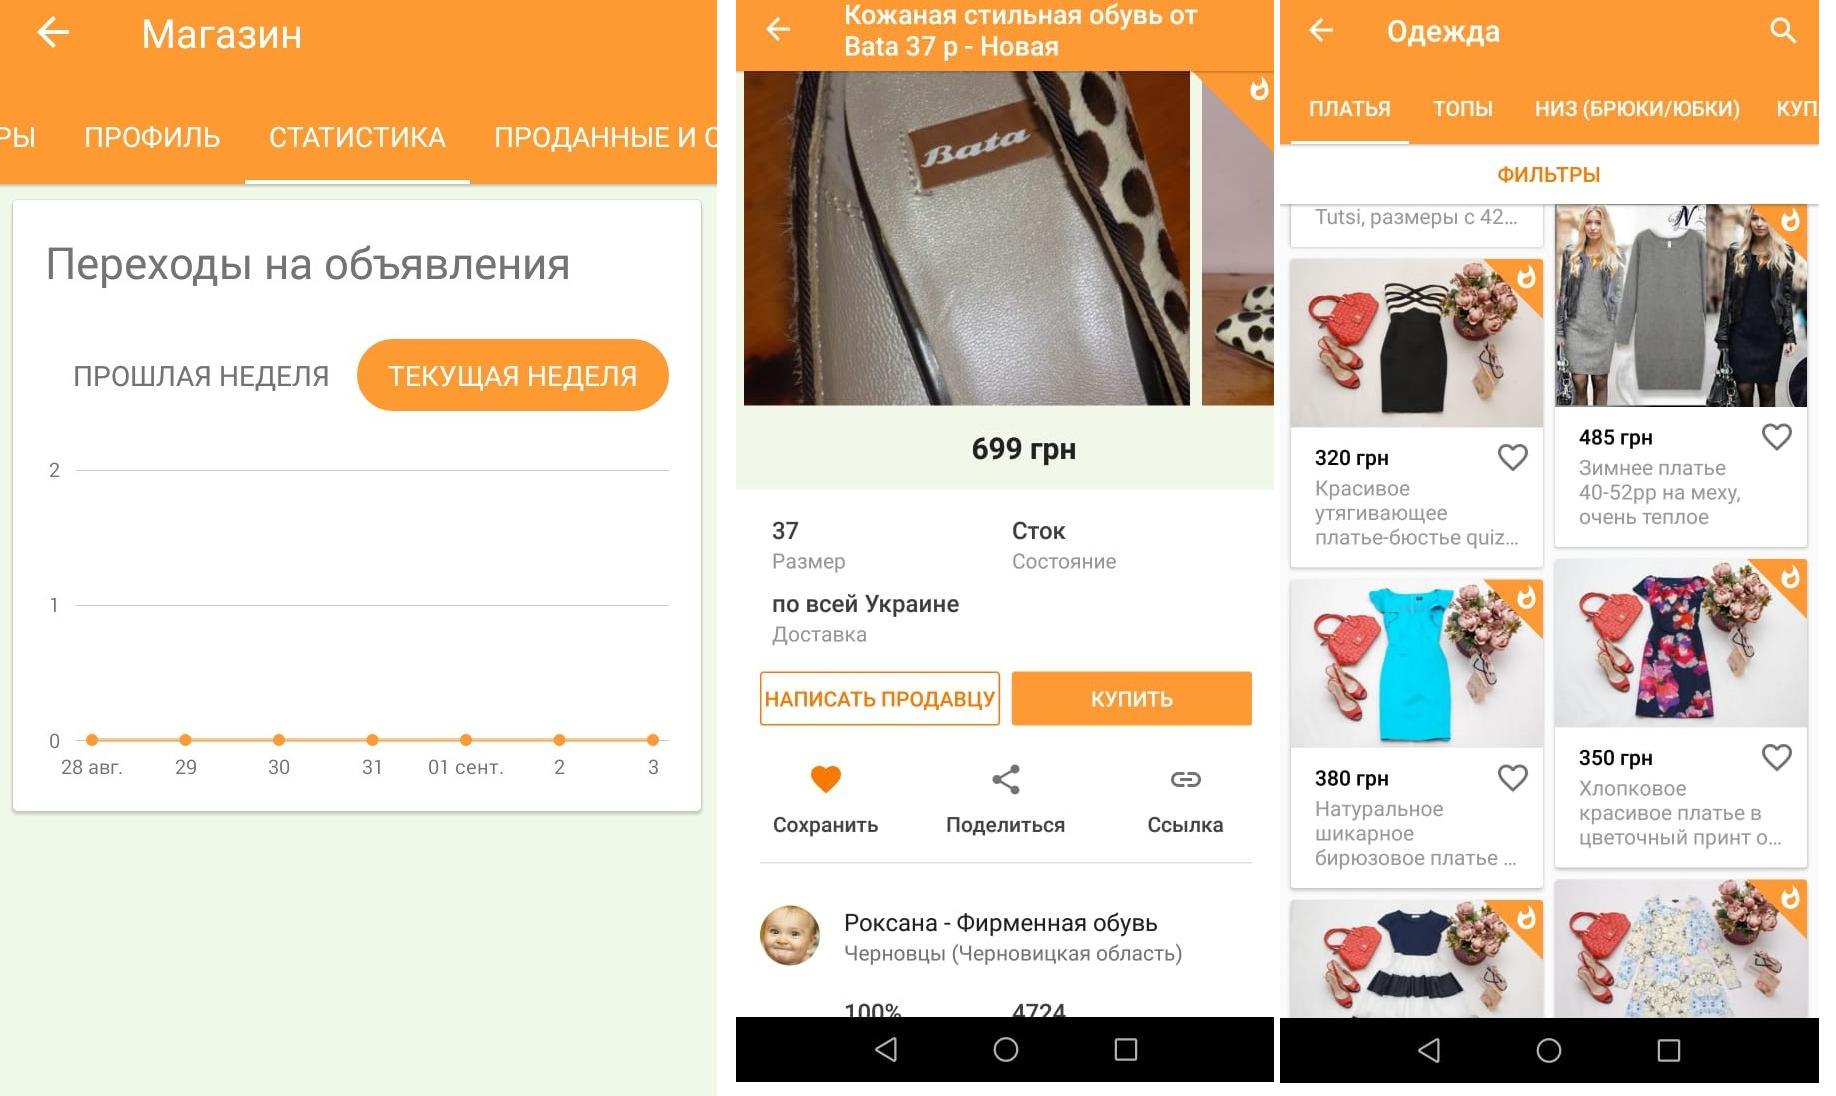 Мобильные приложения для шопинга: Kubok - фото